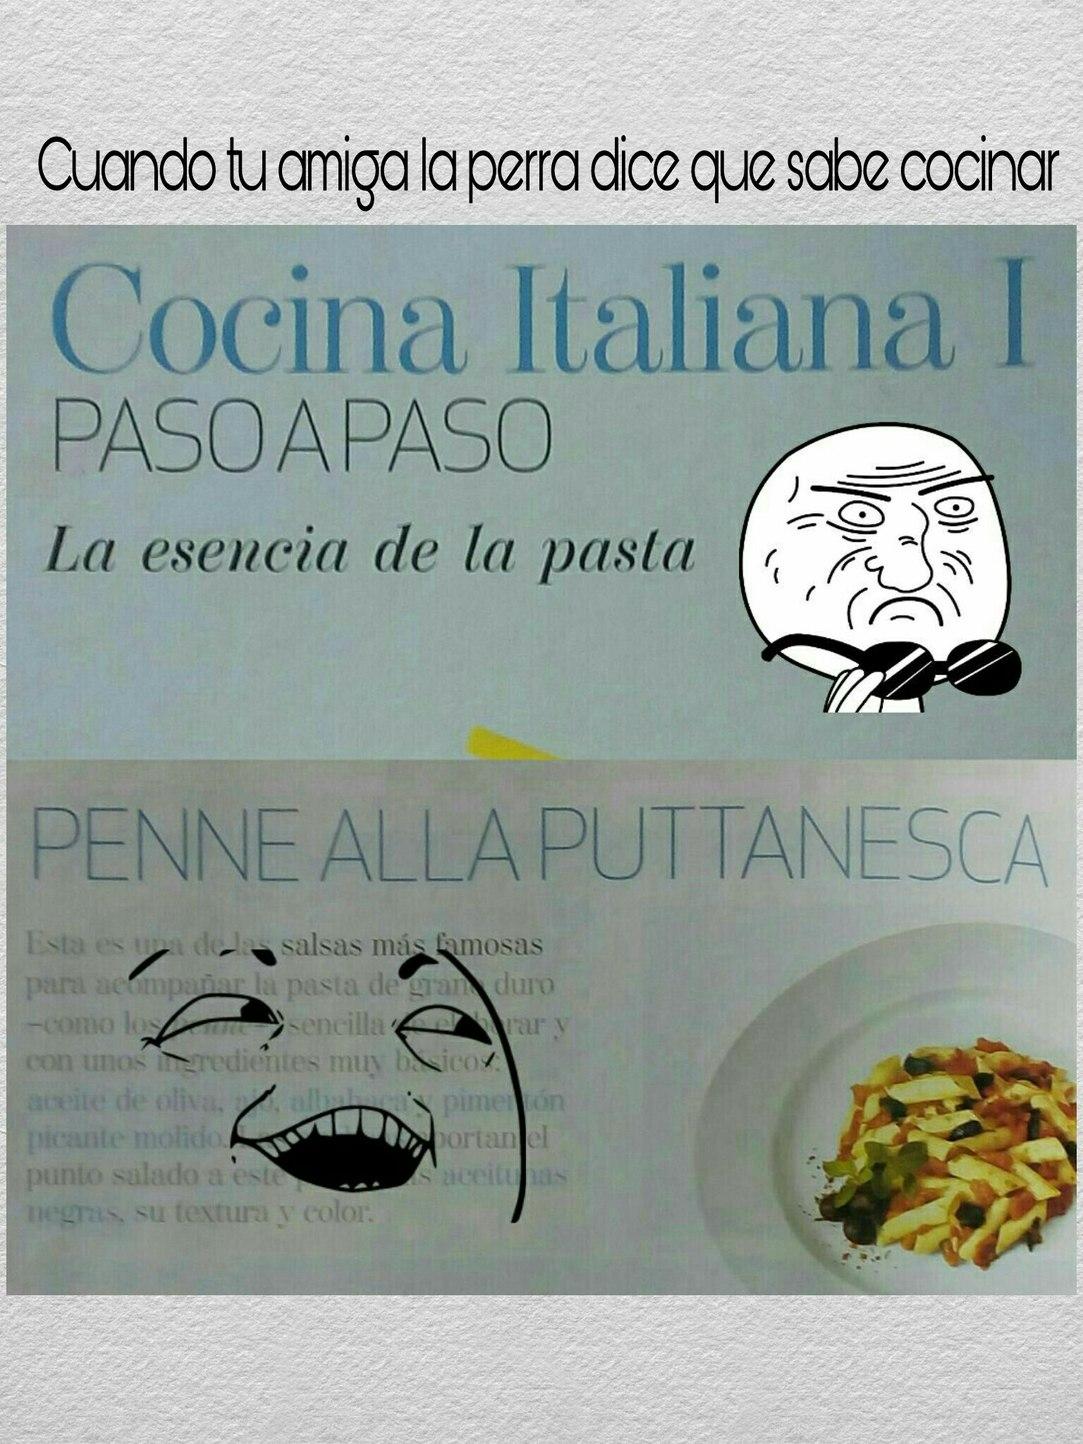 Los italianos son unos loquillos - meme